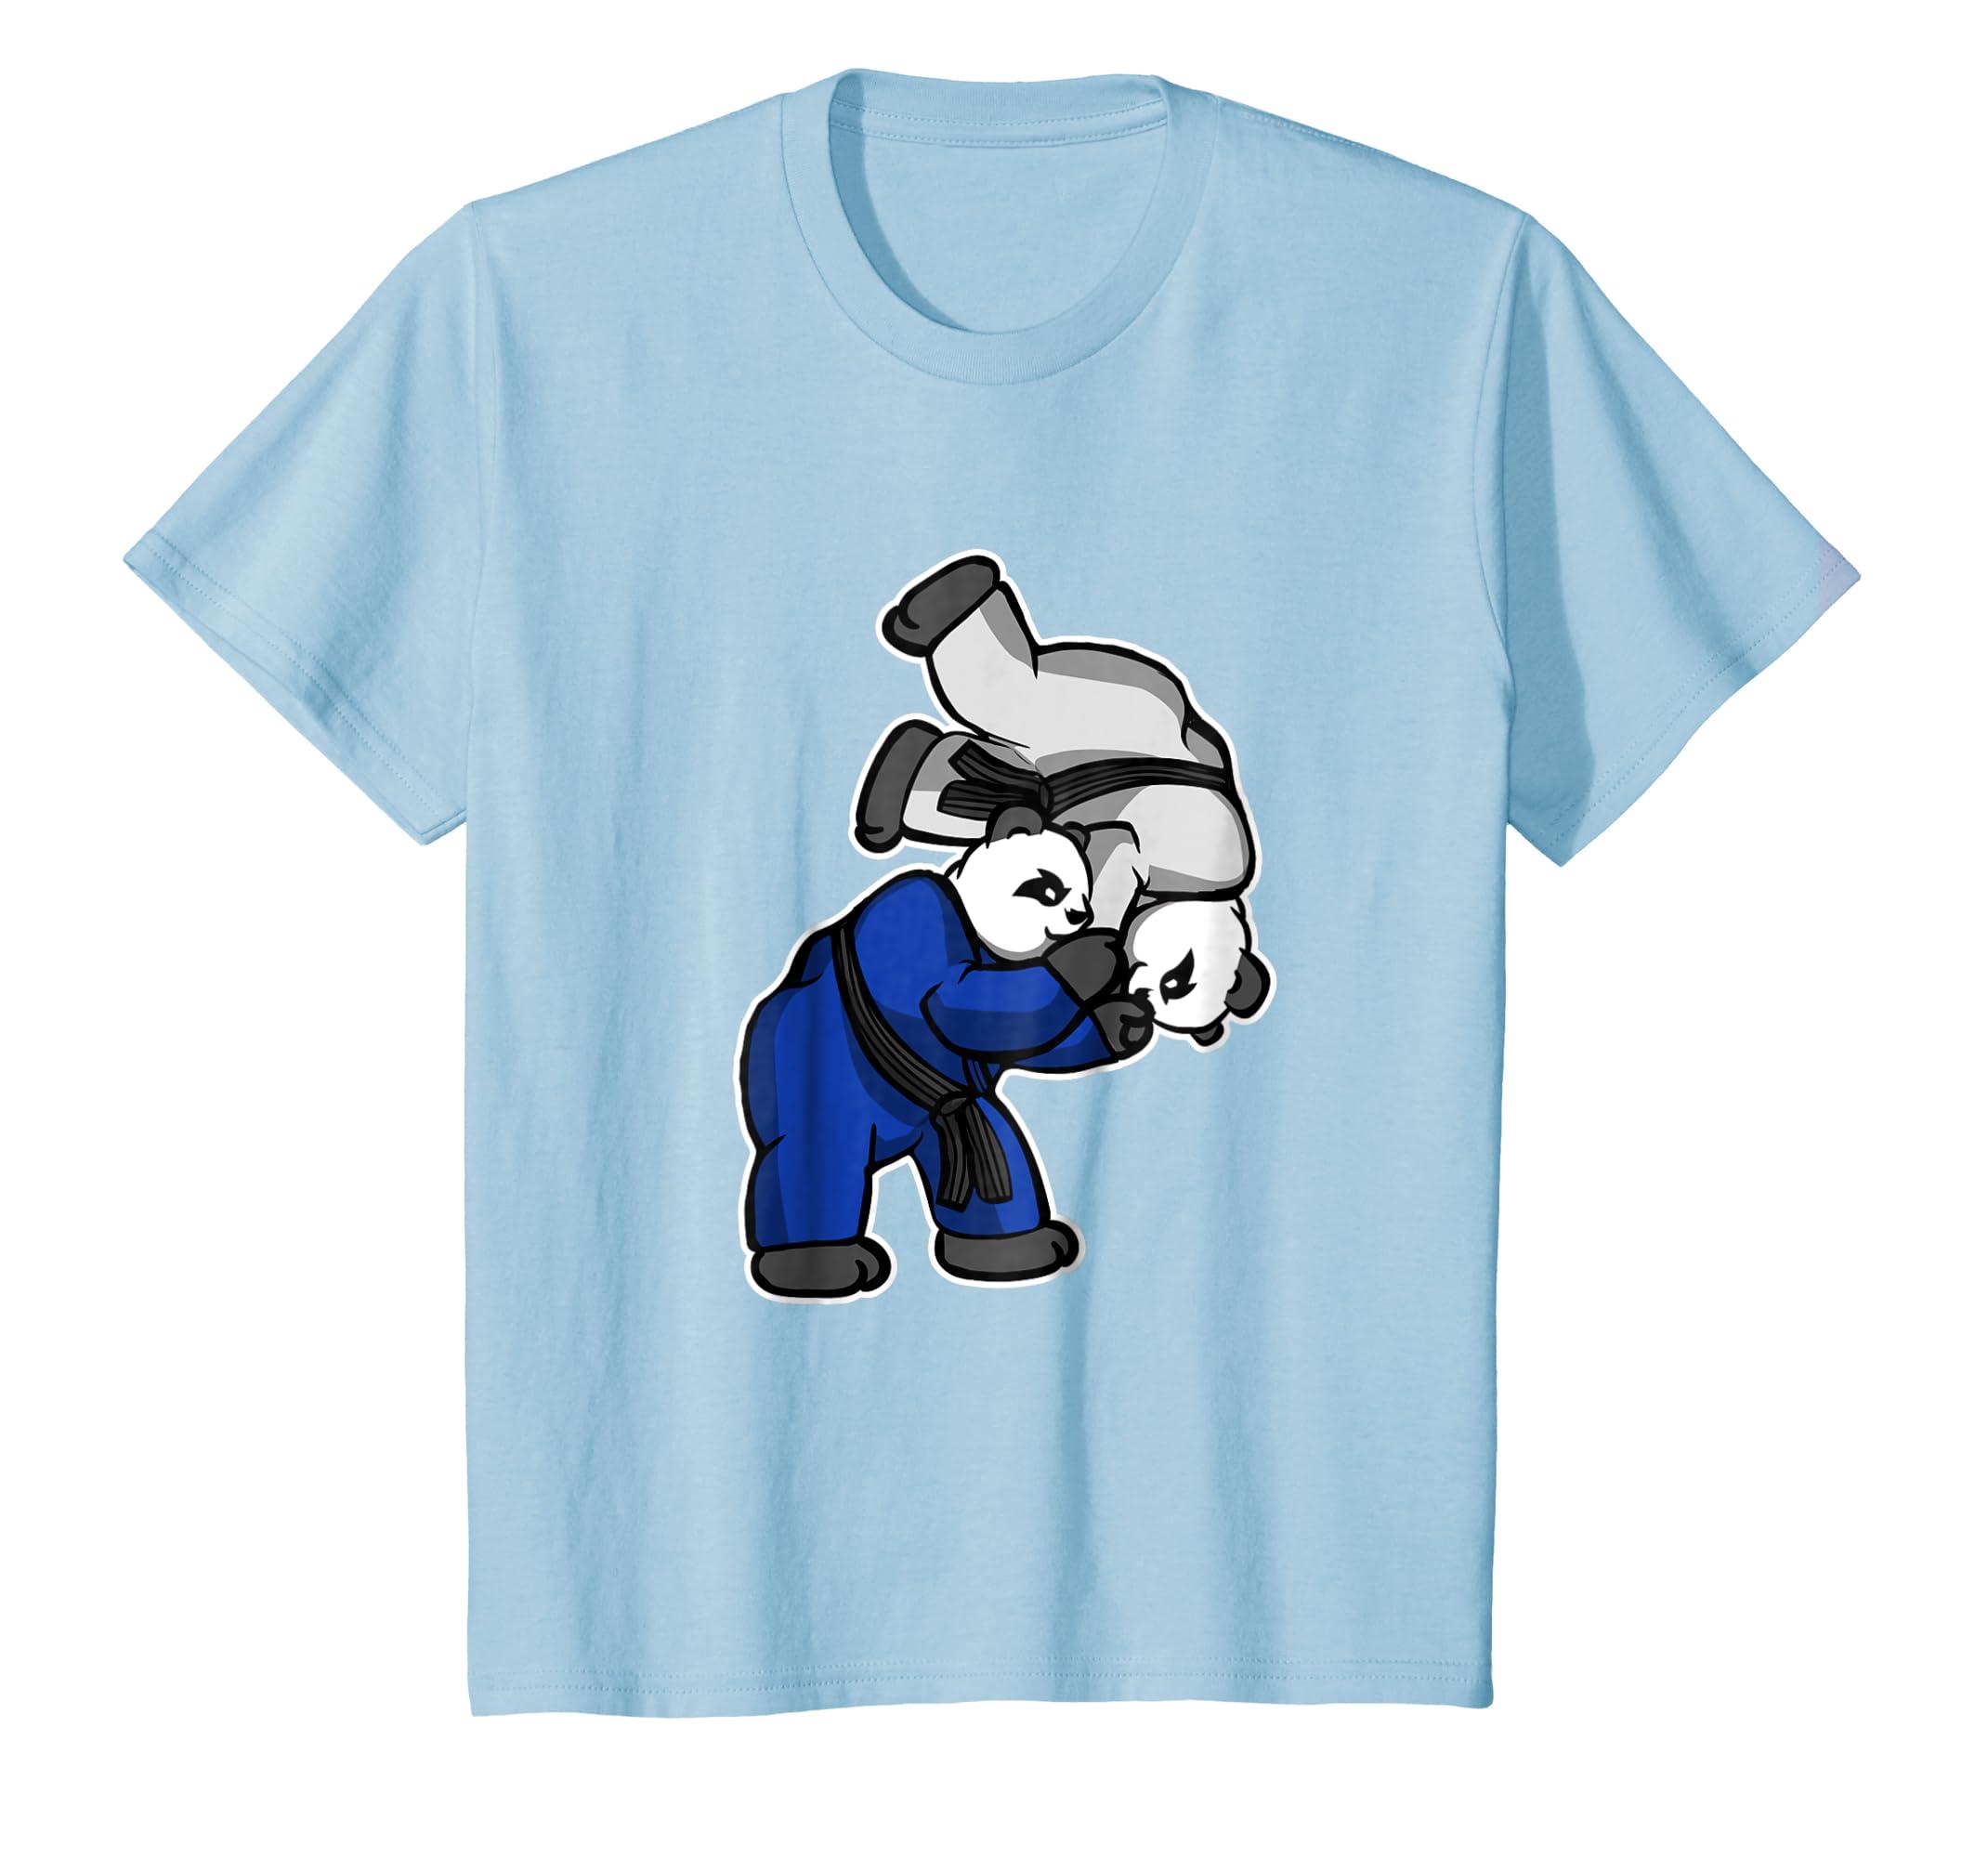 65da4d6d Amazon.com: Panda Judo Throw -Brazilian Jiu-Jitsu, MMA, BJJ Gift T Shirt:  Clothing